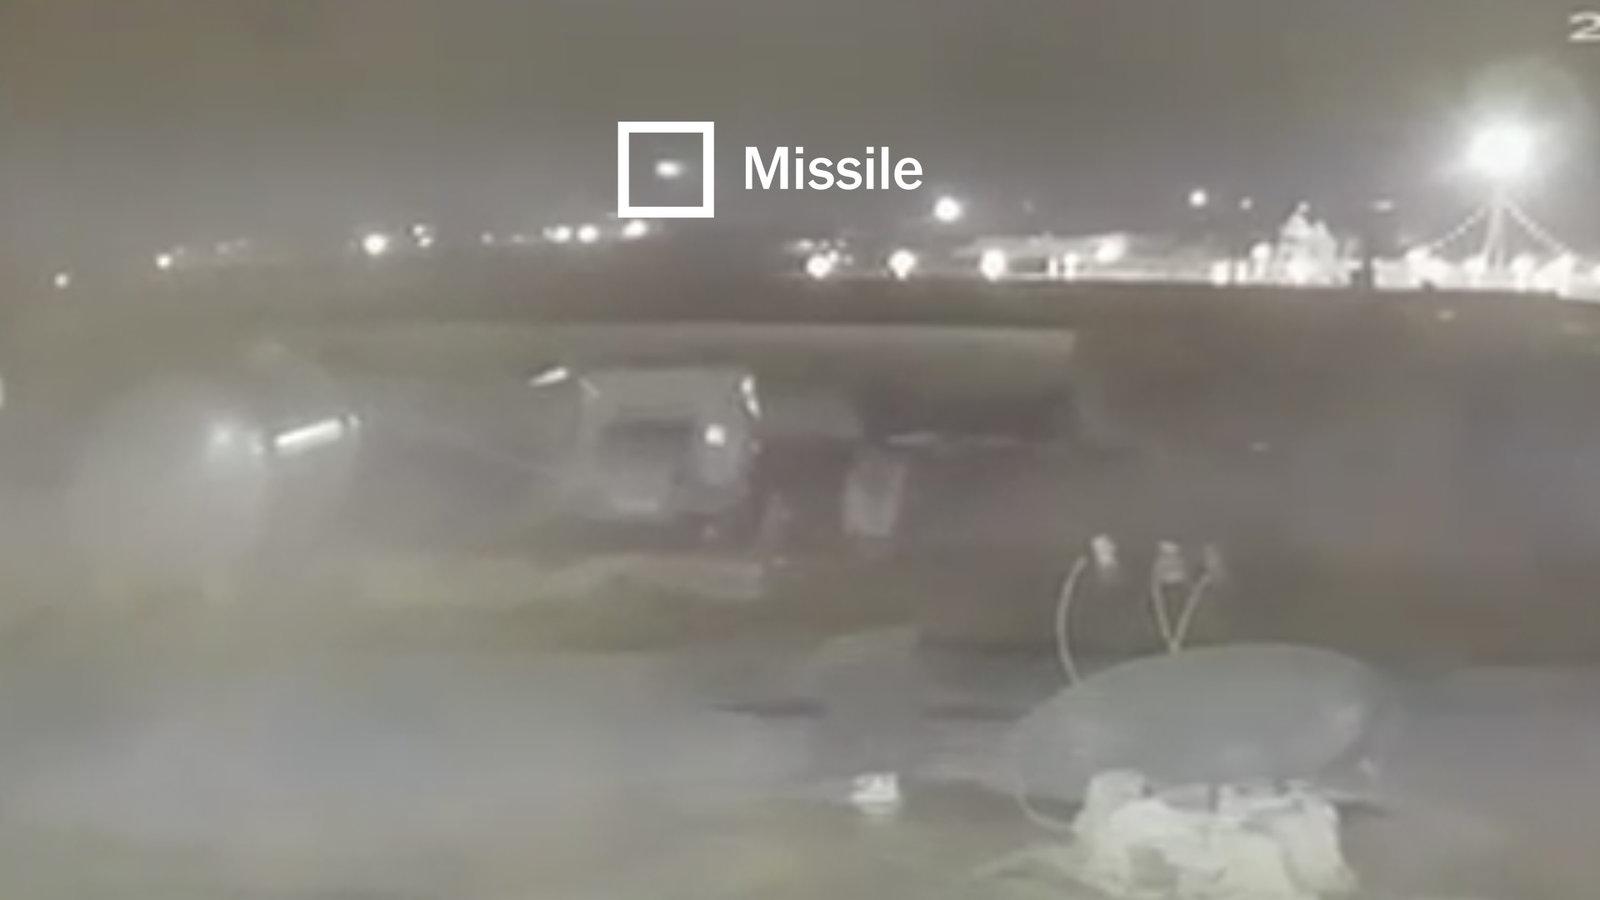 სენსაციური ვიდეო  კადრები- ირანმა უკრაინული ავიალანერის ჩამოსაგდებად ორი ანტისაჰაერო რაკეტა გაისროლა – NEW YORK TIMES